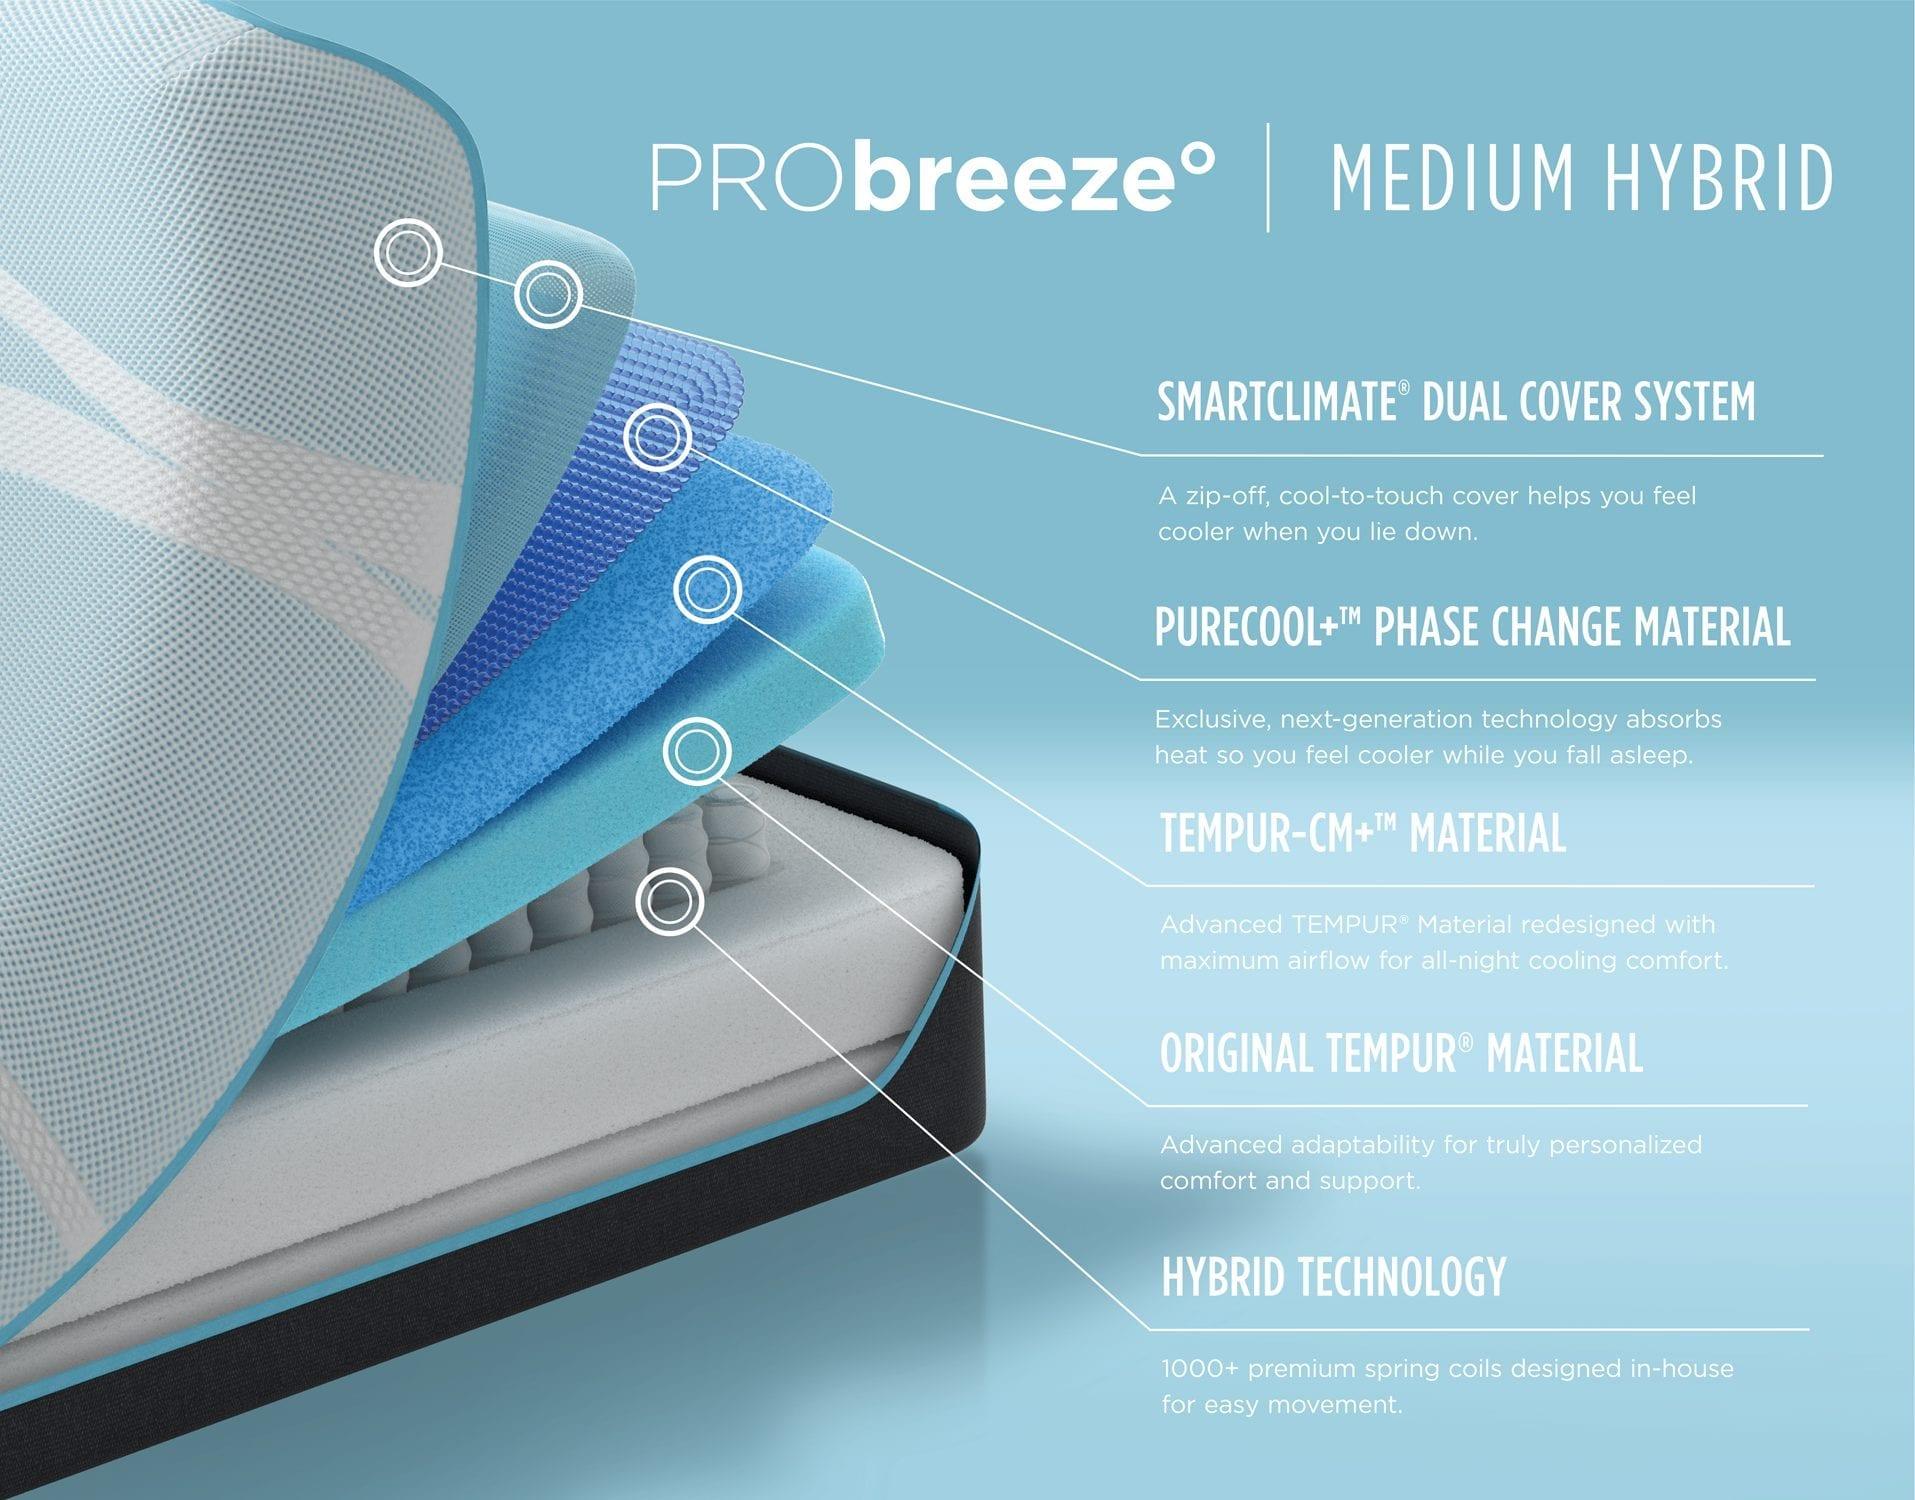 TEMPUR-PRObreeze® medium hybrid mattress layers